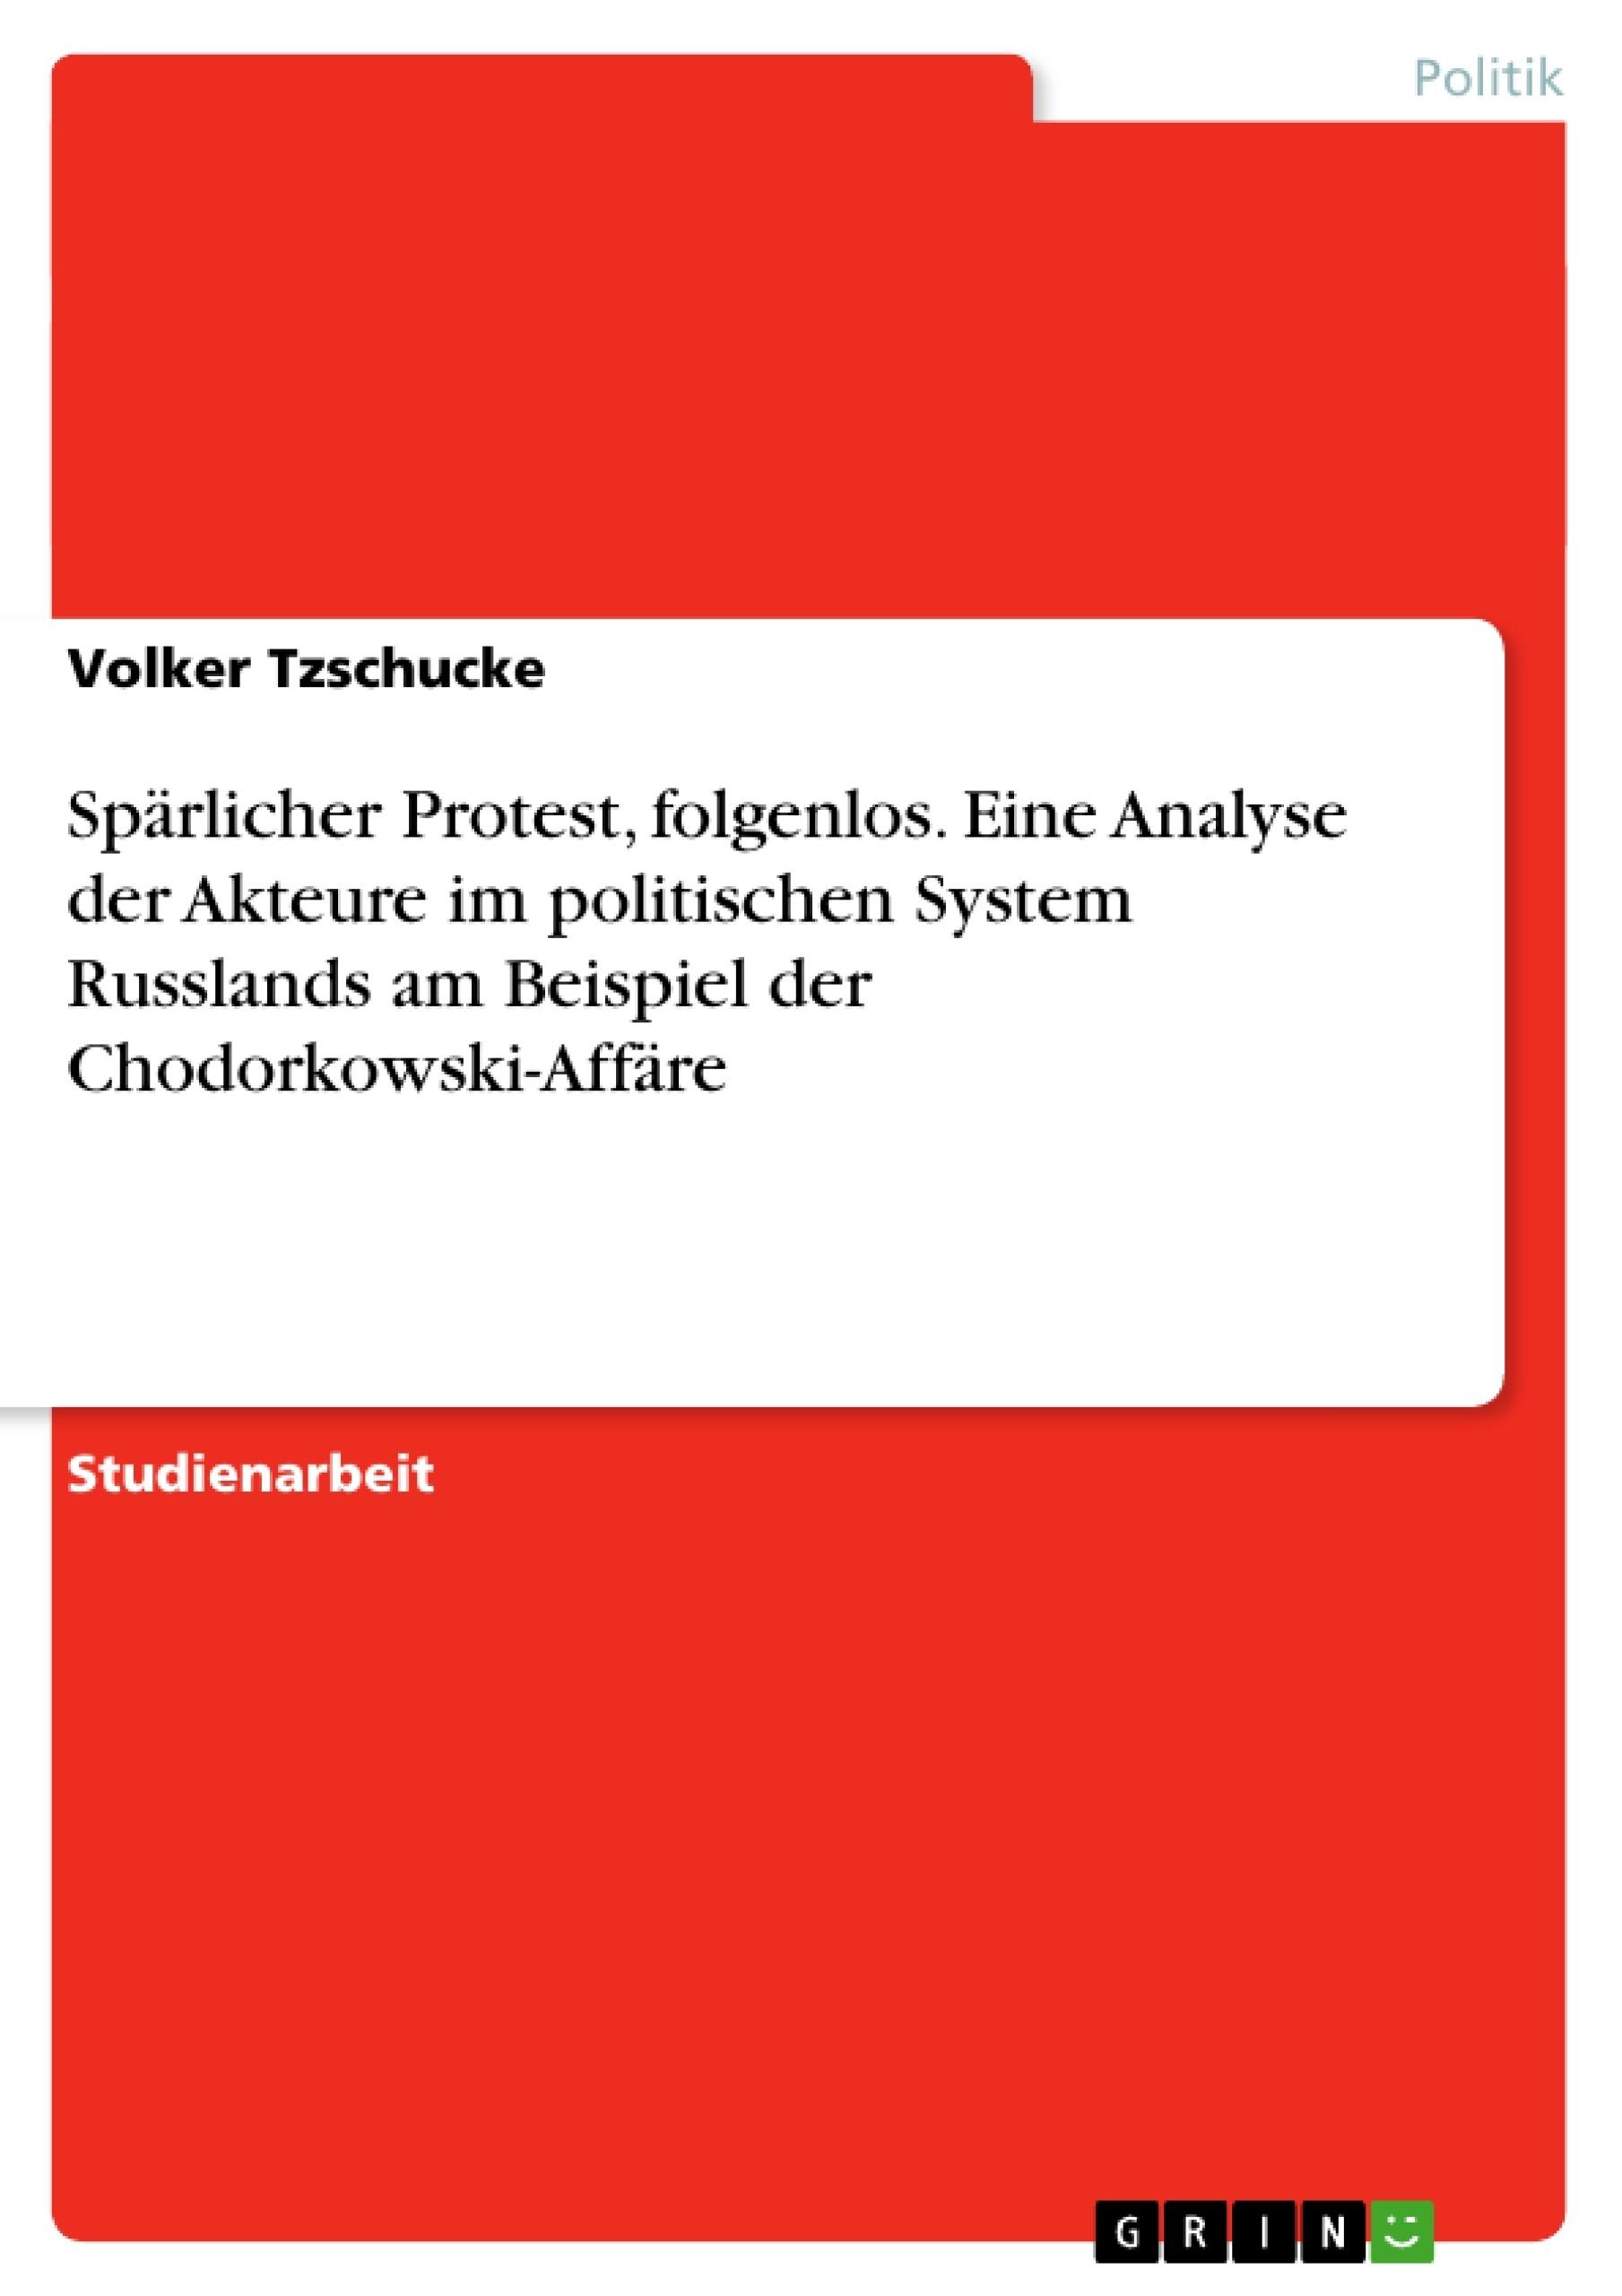 Titel: Spärlicher Protest, folgenlos. Eine Analyse der Akteure im politischen System Russlands am Beispiel der Chodorkowski-Affäre